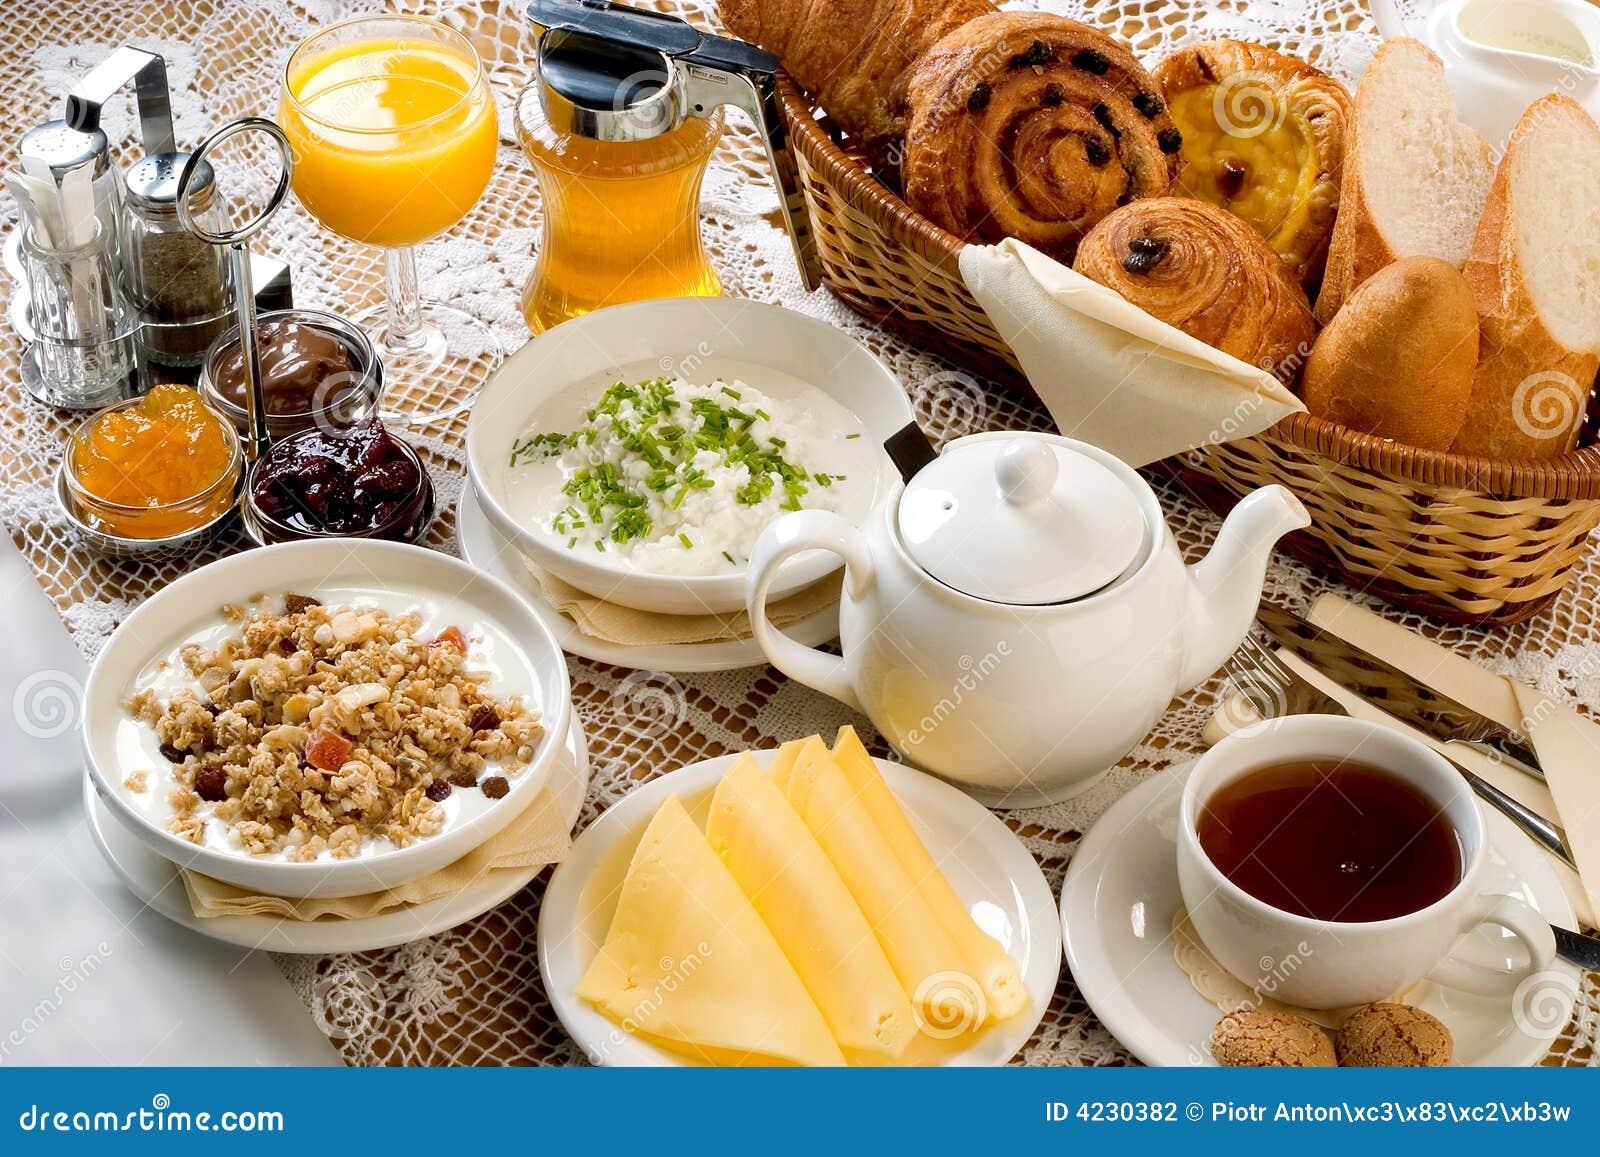 Breakfast Bar Countertop